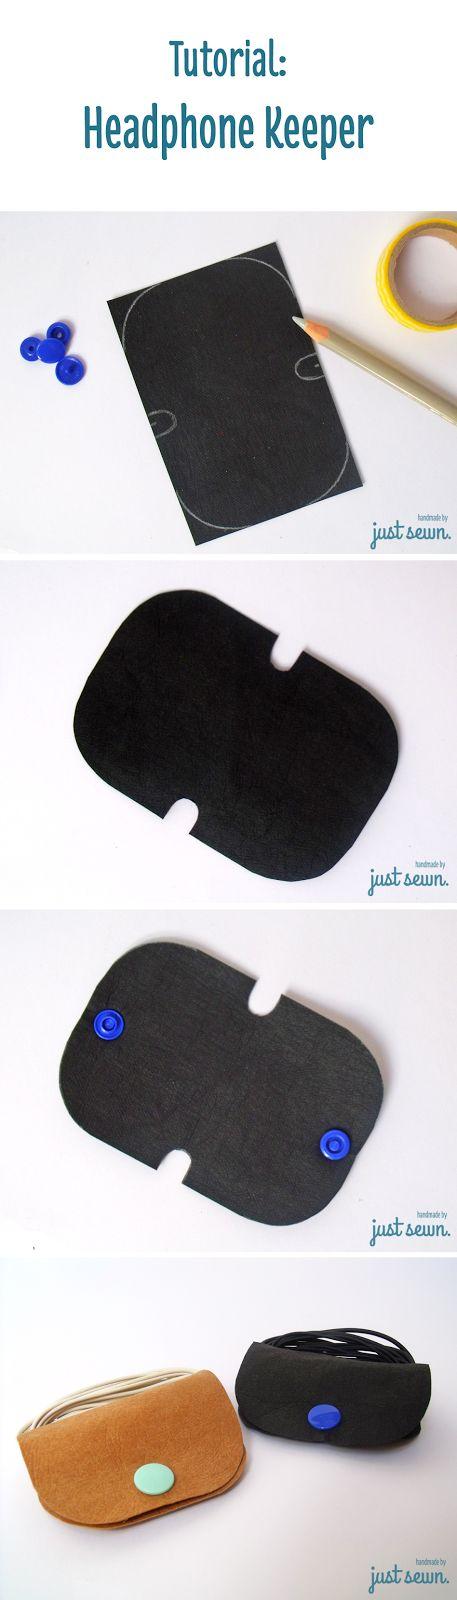 Blitztutorial: Headphone Keeper aus SnapPap - praktische Aufbewahrung für Kopfhörer oder Kabel